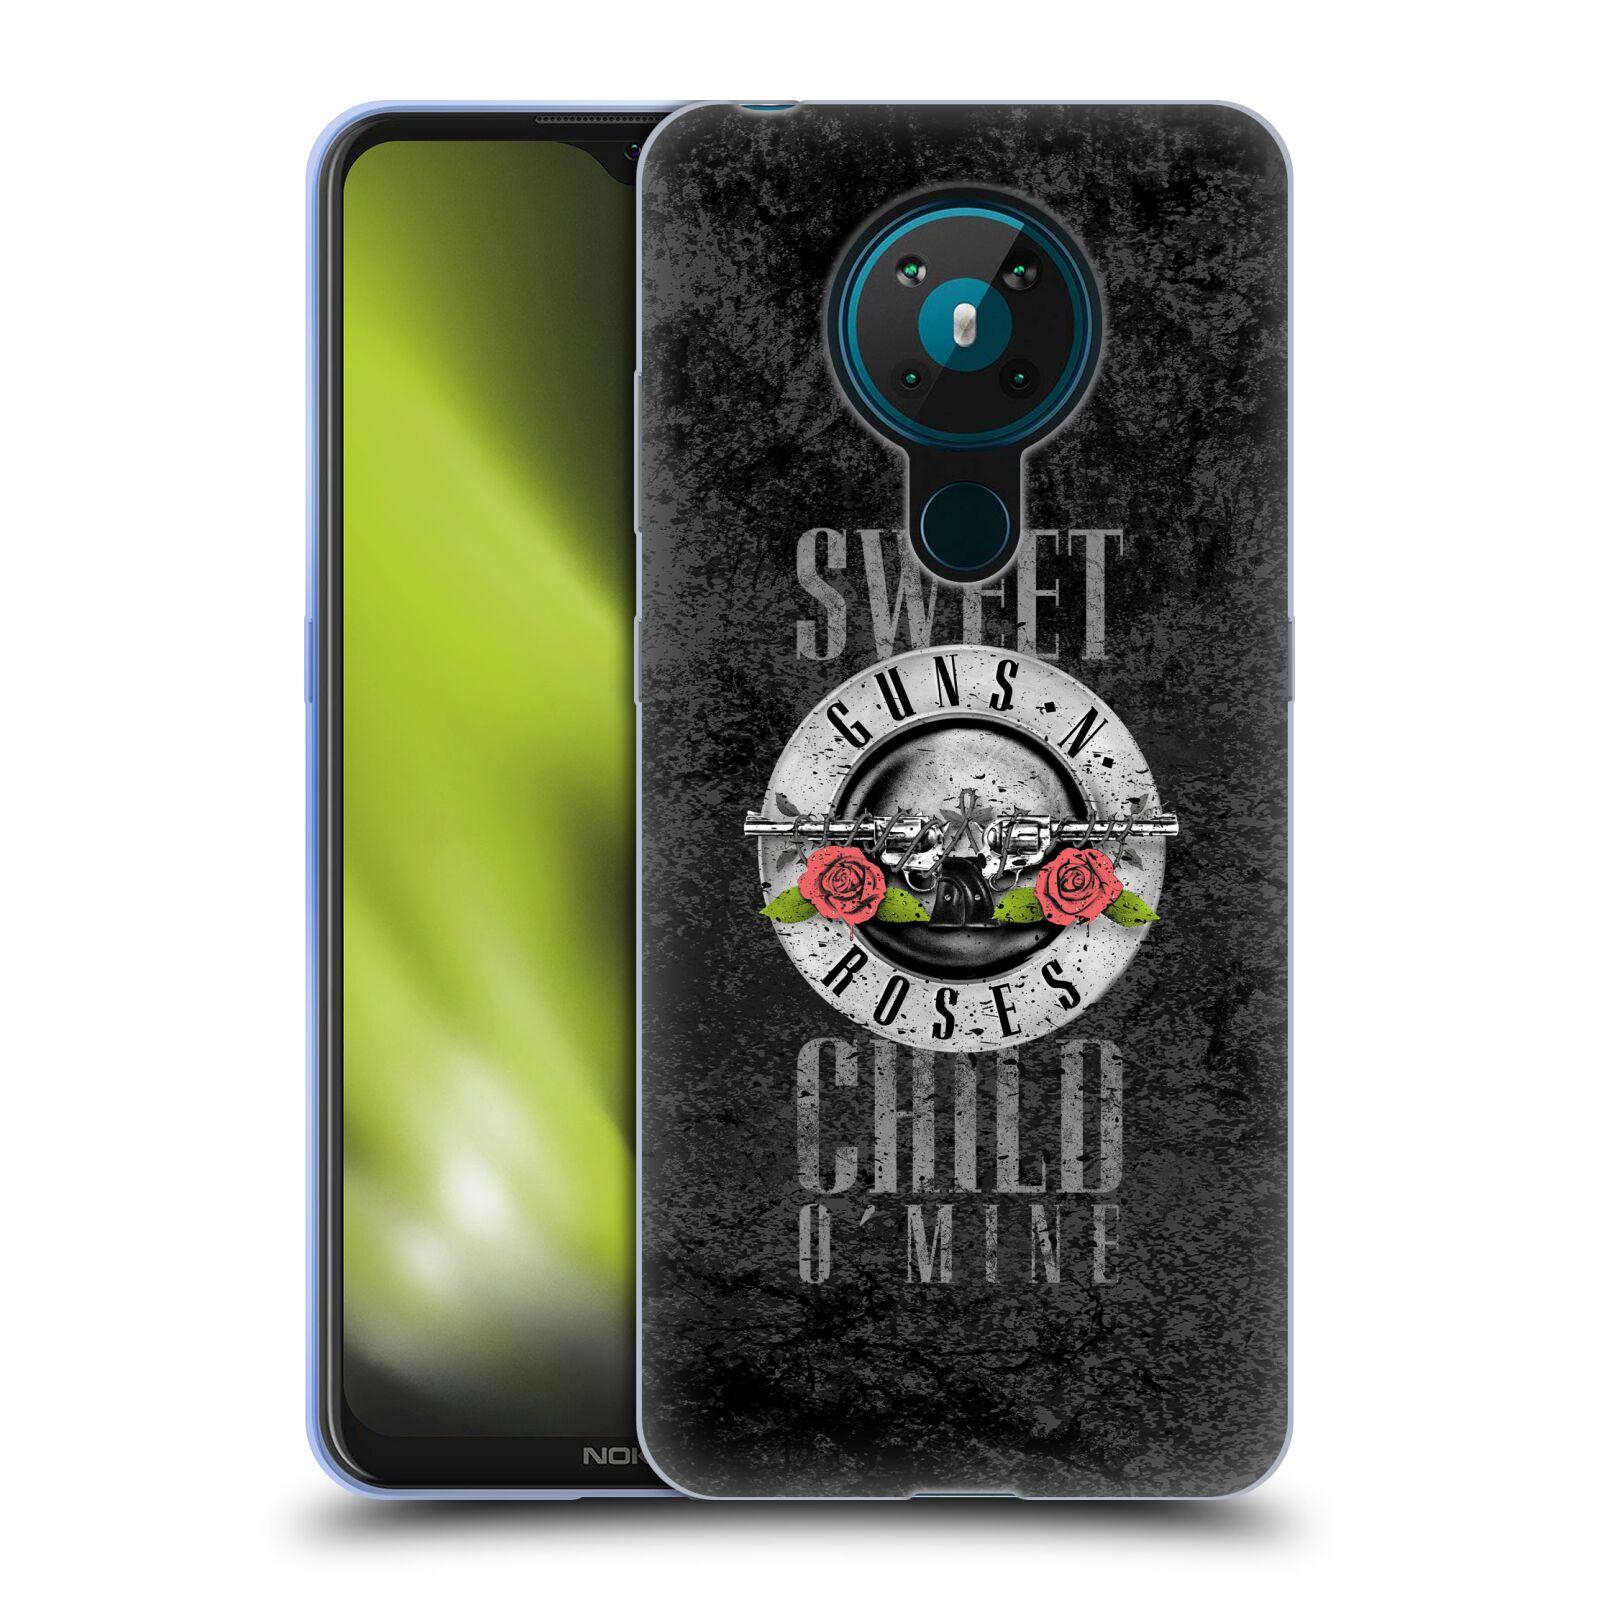 Silikonové pouzdro na mobil Nokia 5.3 - Head Case - Guns N' Roses - Sweet Child